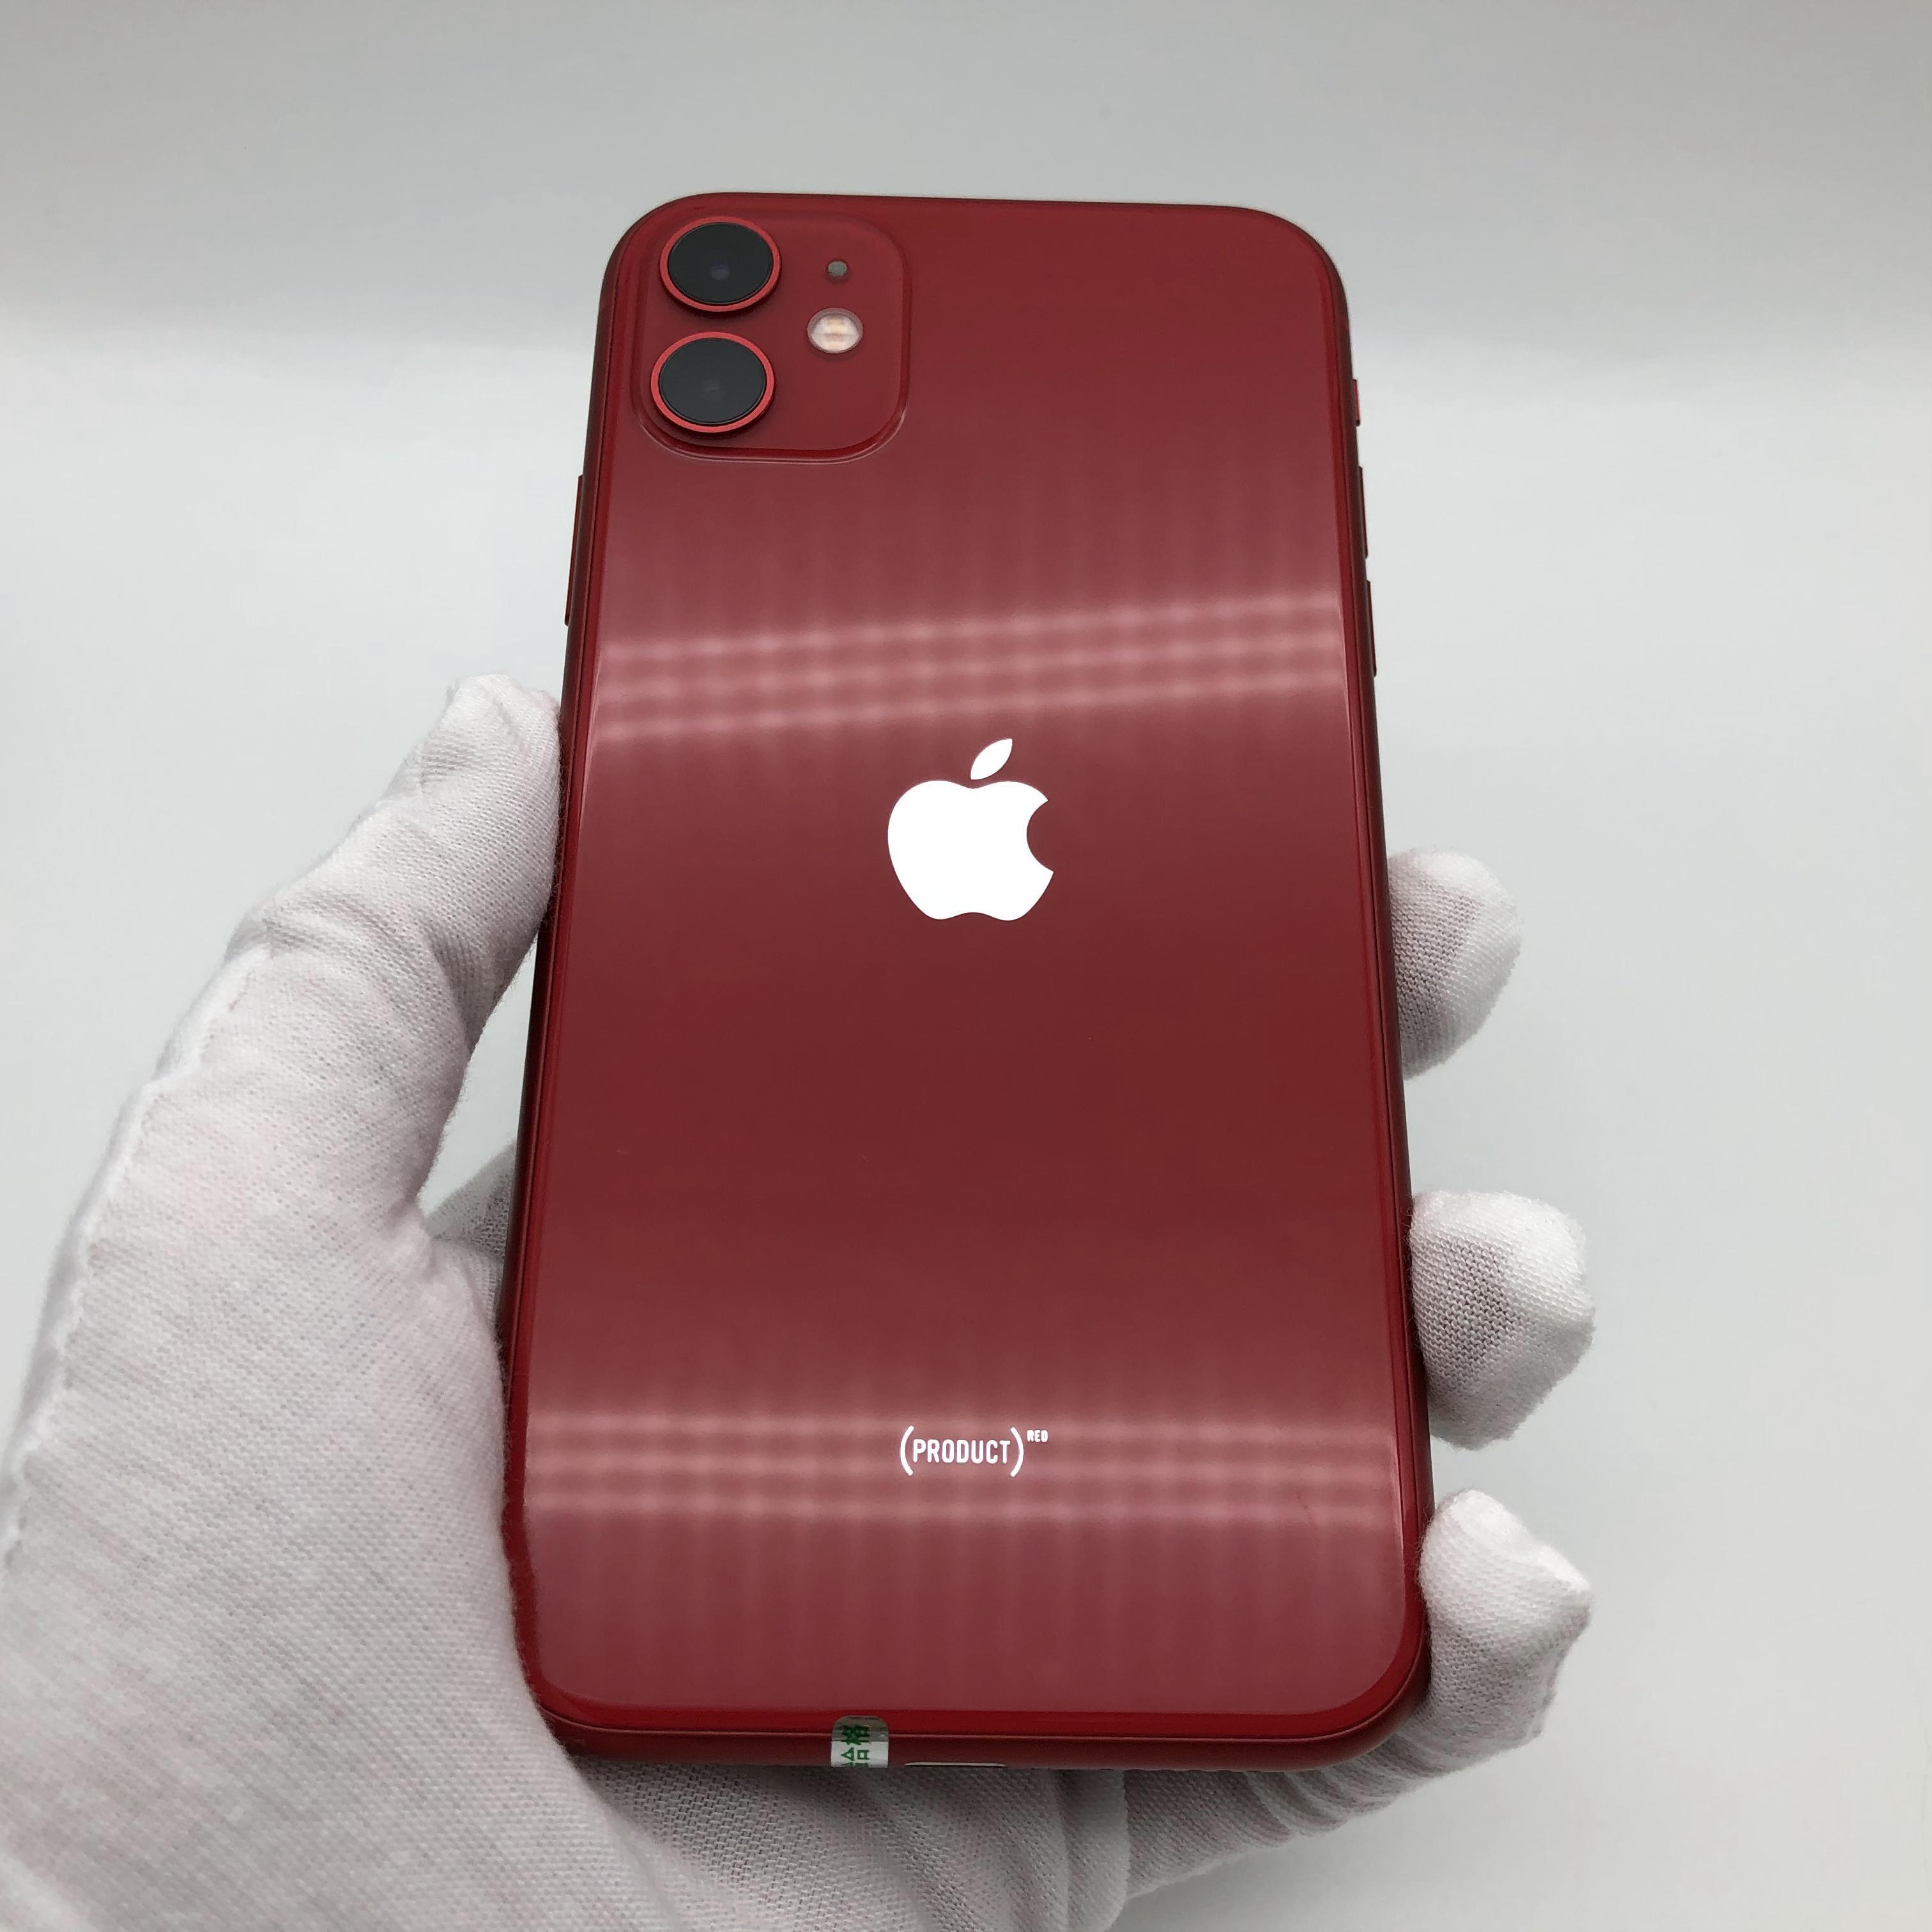 苹果【iPhone 11】4G全网通 红色 128G 国行 8成新 真机实拍